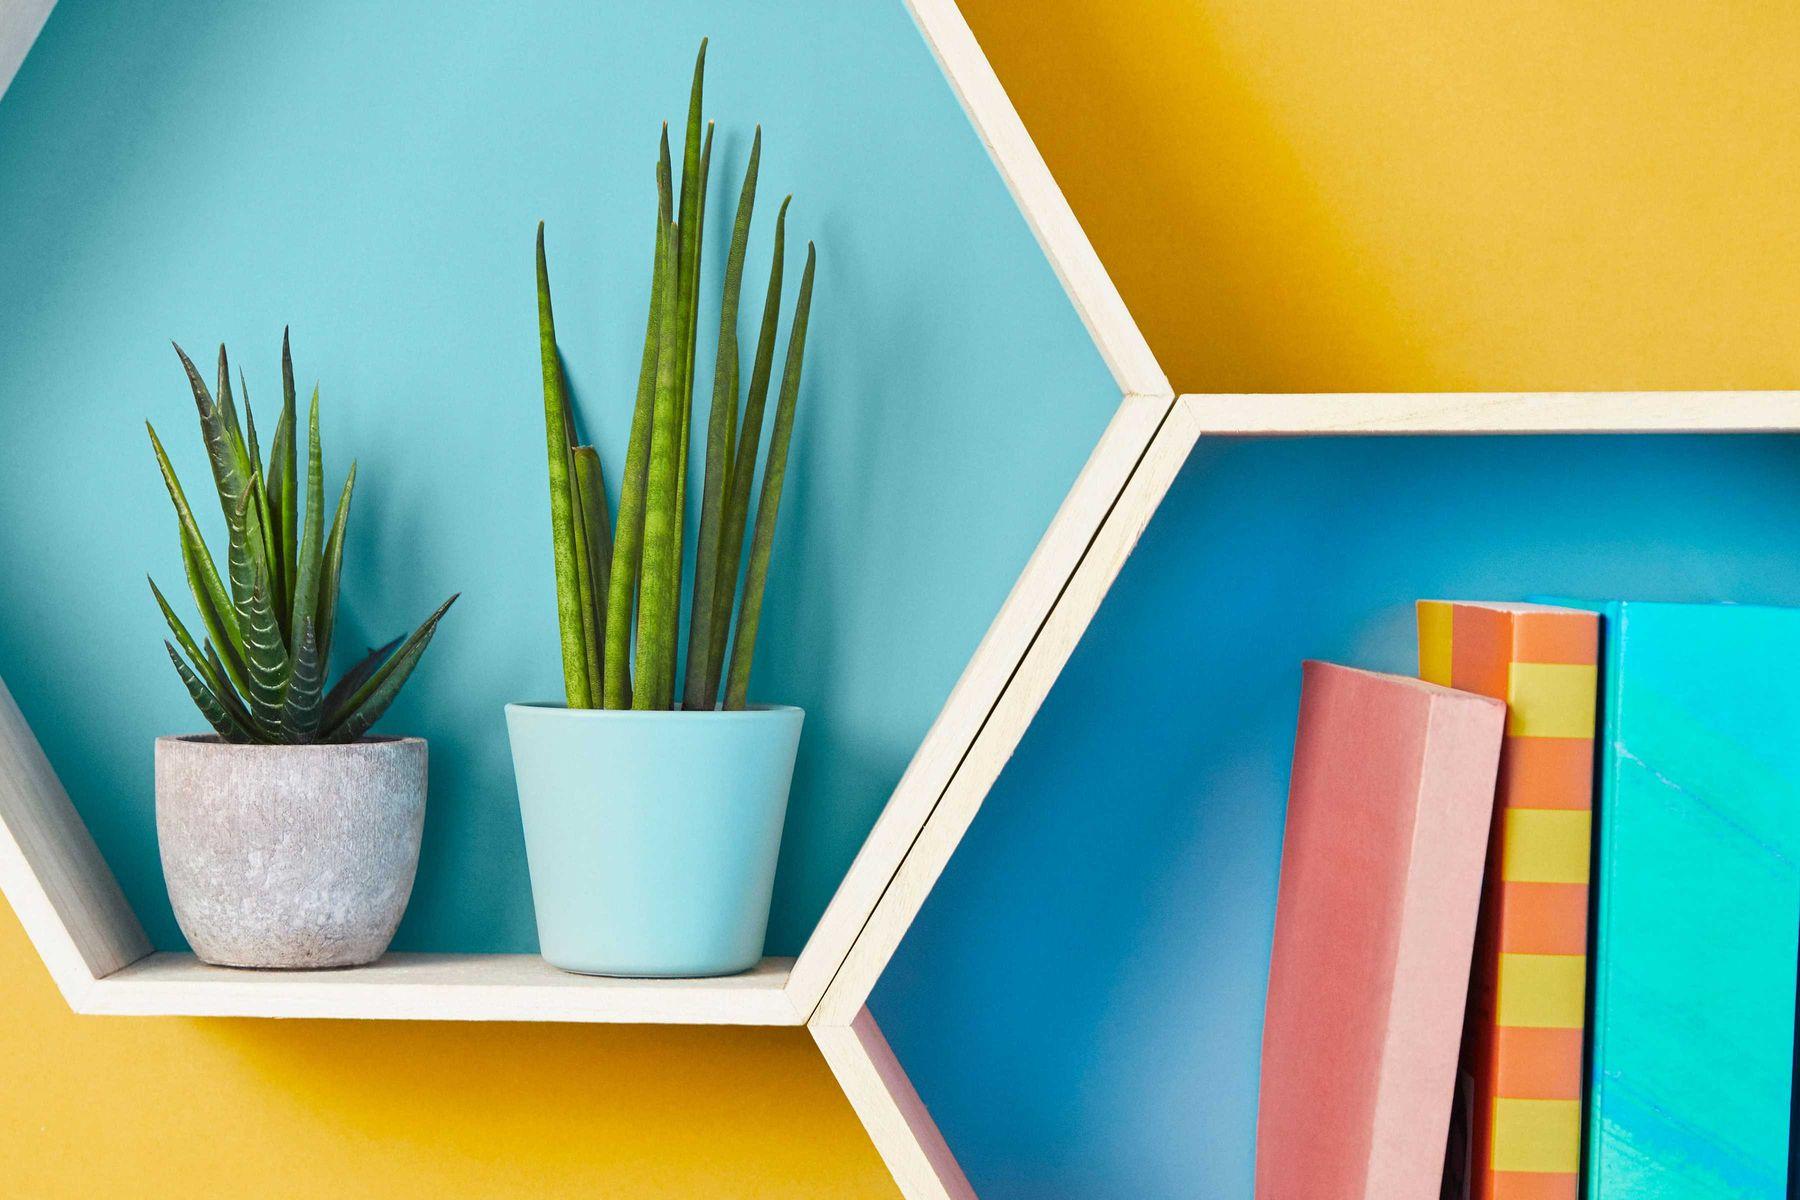 prateleiras-organizadas-com-plantas-livros